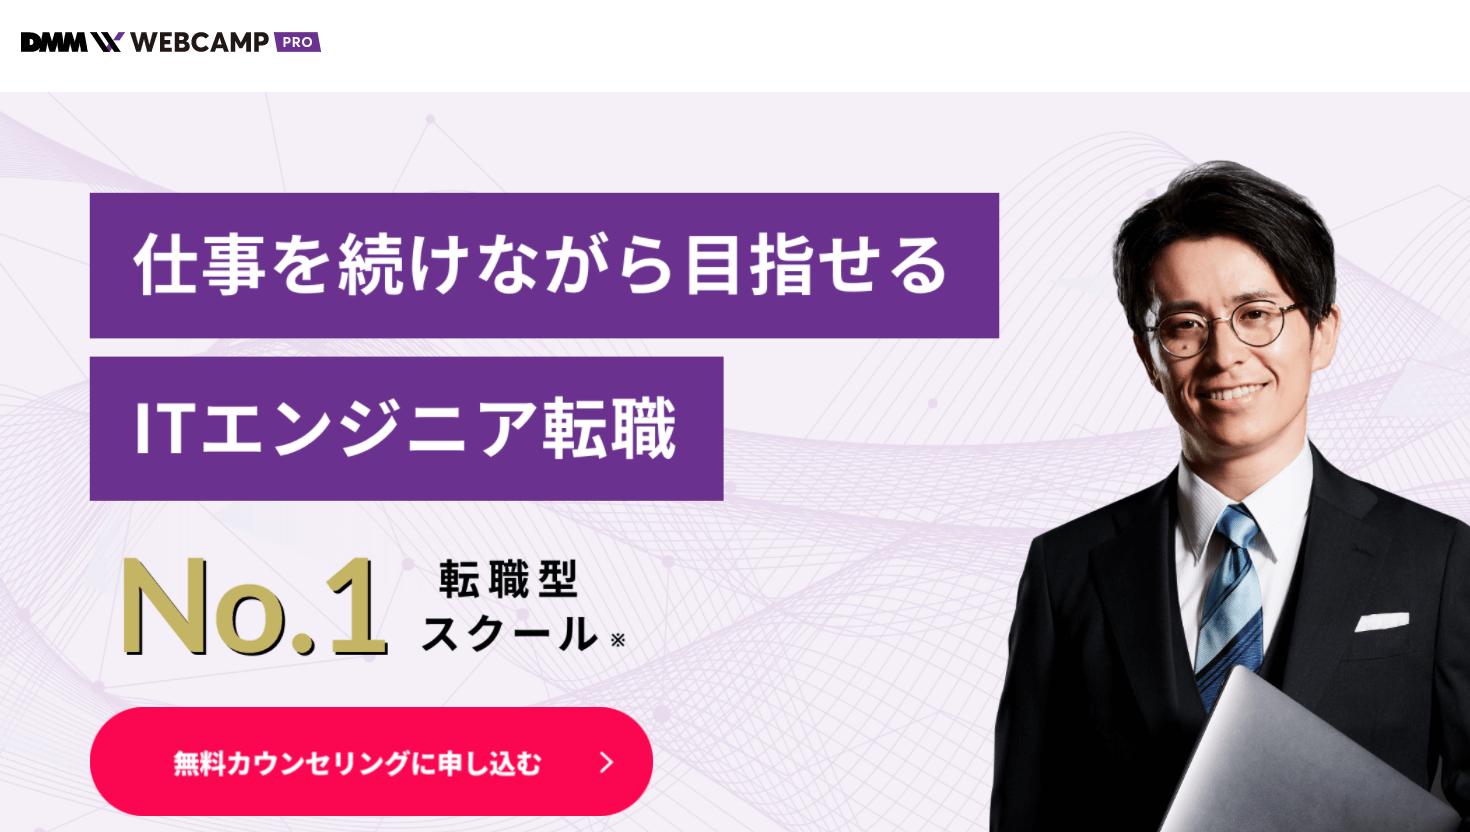 プログラミングスクール_おすすめ_社会人_dmm_web_camp